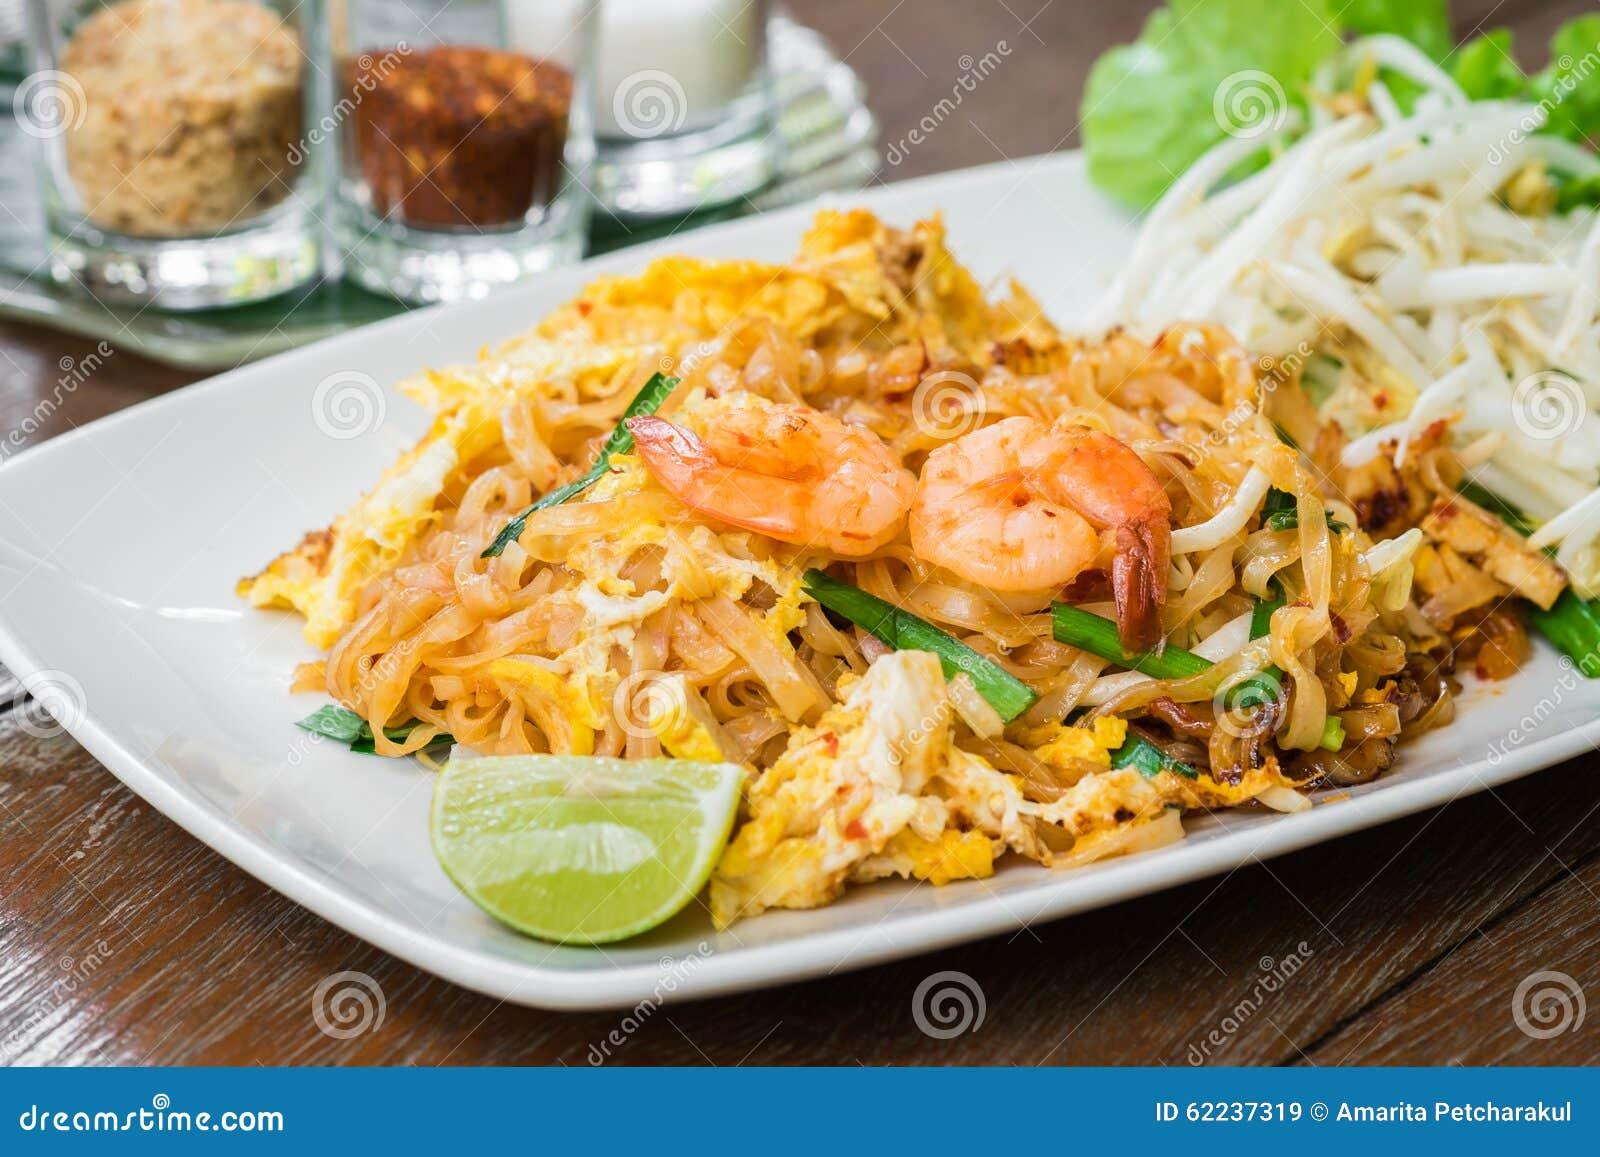 Agite macarronetes de arroz fritado com camarão (almofada tailandesa), alimento tailandês